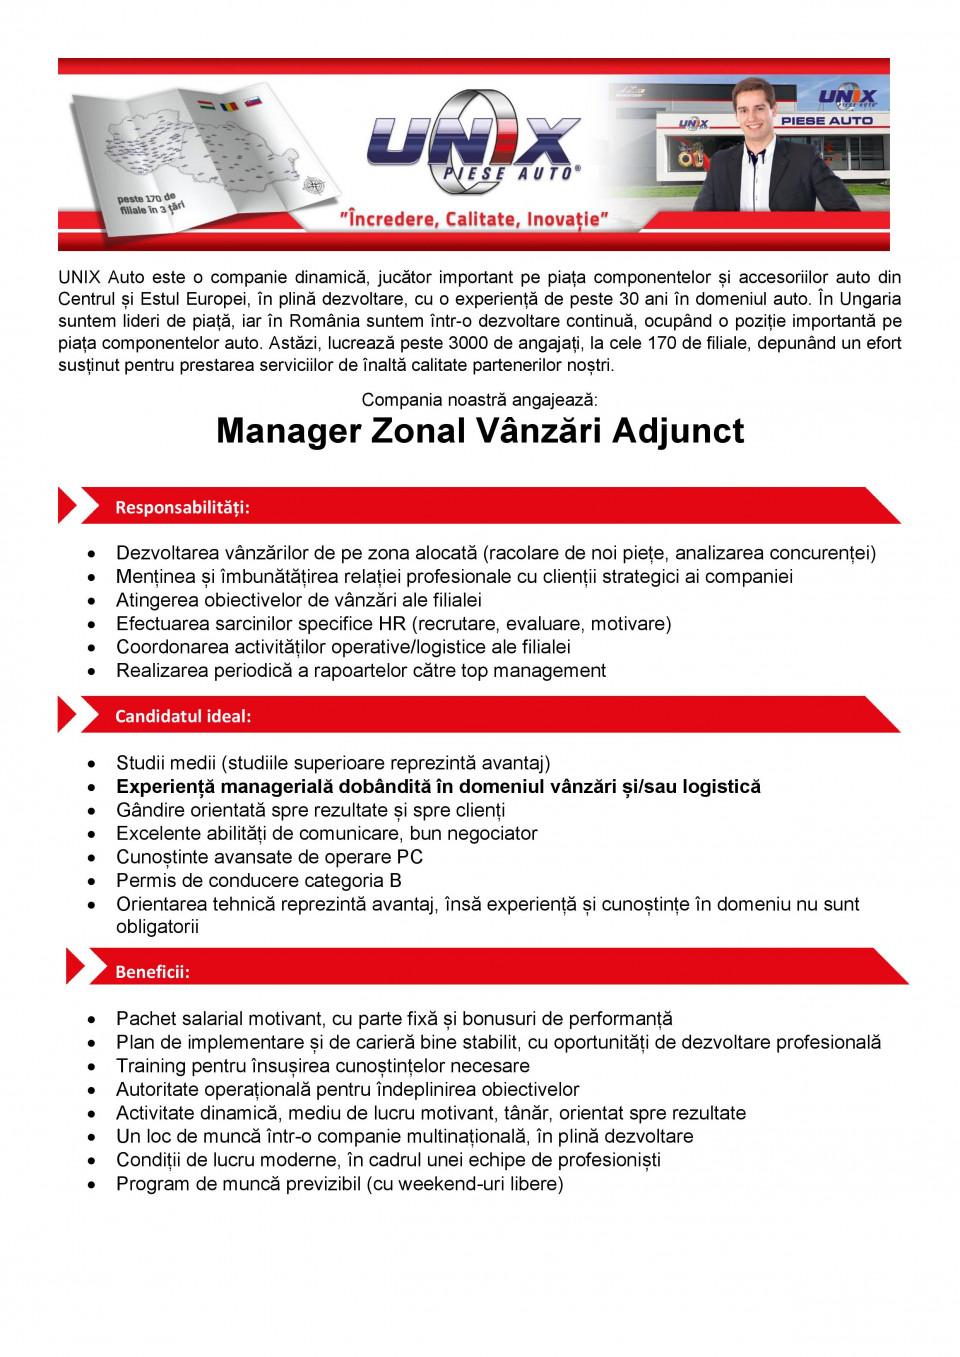 Manager Zonal Vanzari Adjunct